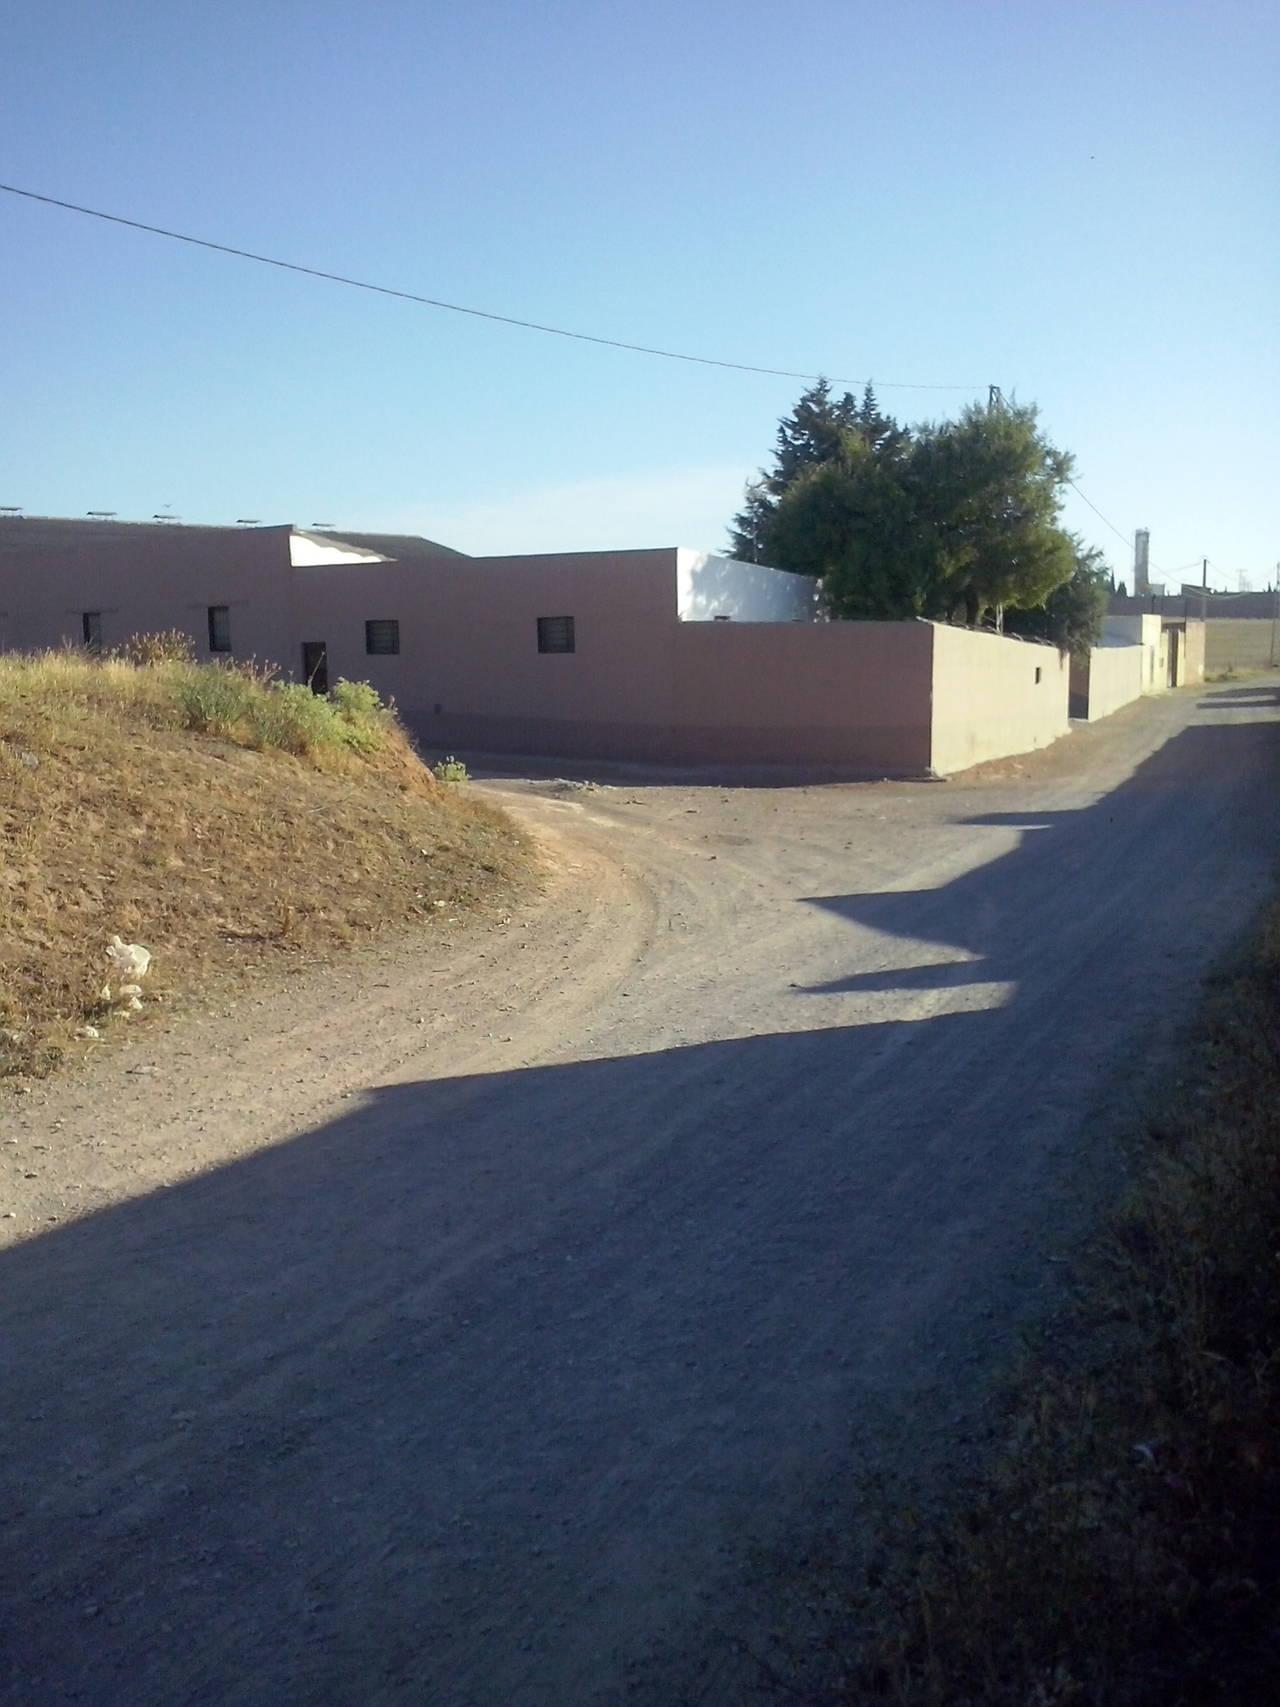 VENTA - FINCA CON CHALET - CAMPILLOS - MALAGA - ANDALUCIA  - Foto 4